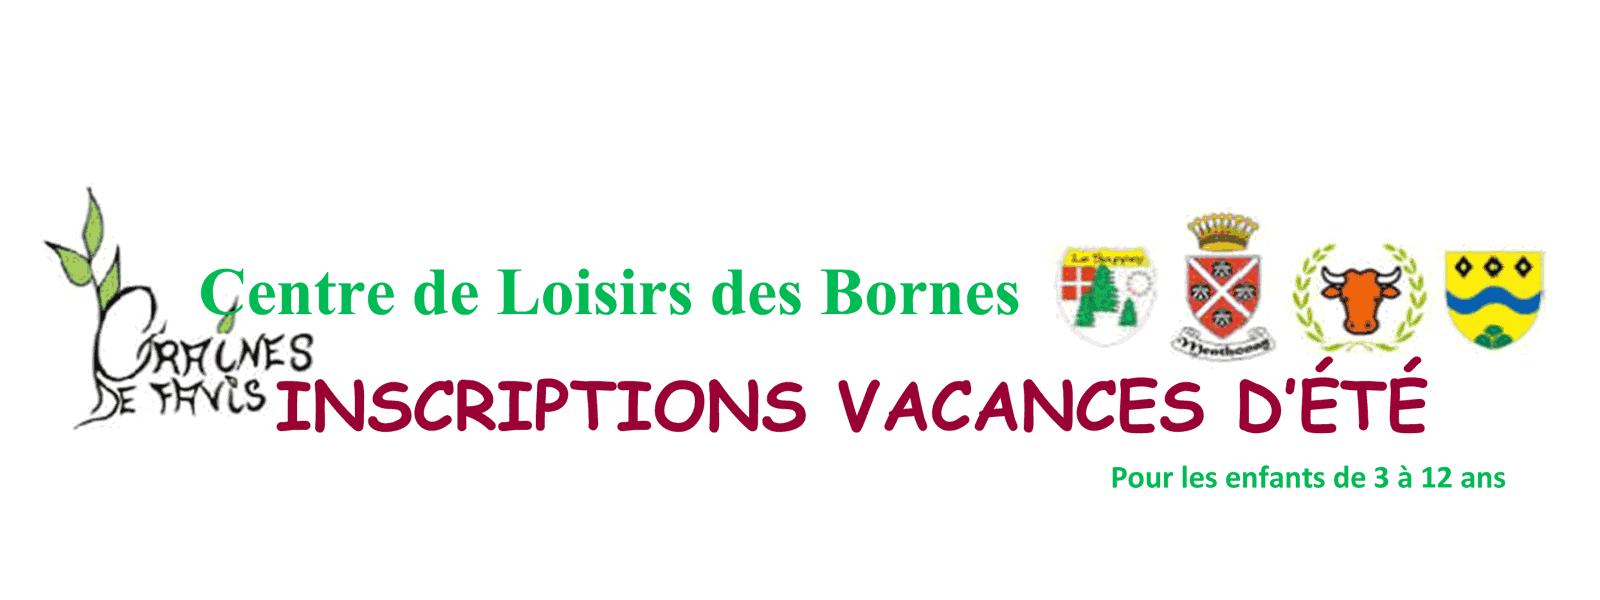 Centre de Loisirs des Bornes - Vacances d'été 2018